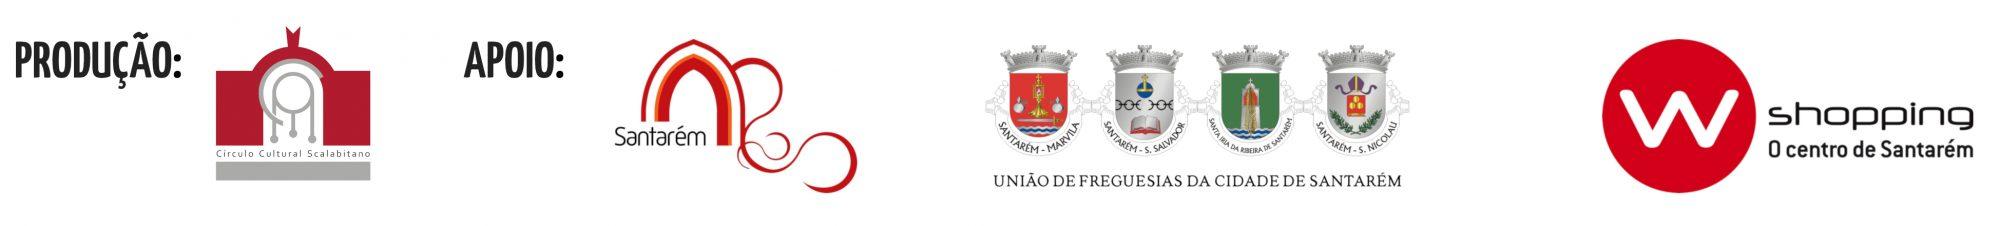 Logos Produção e apoio